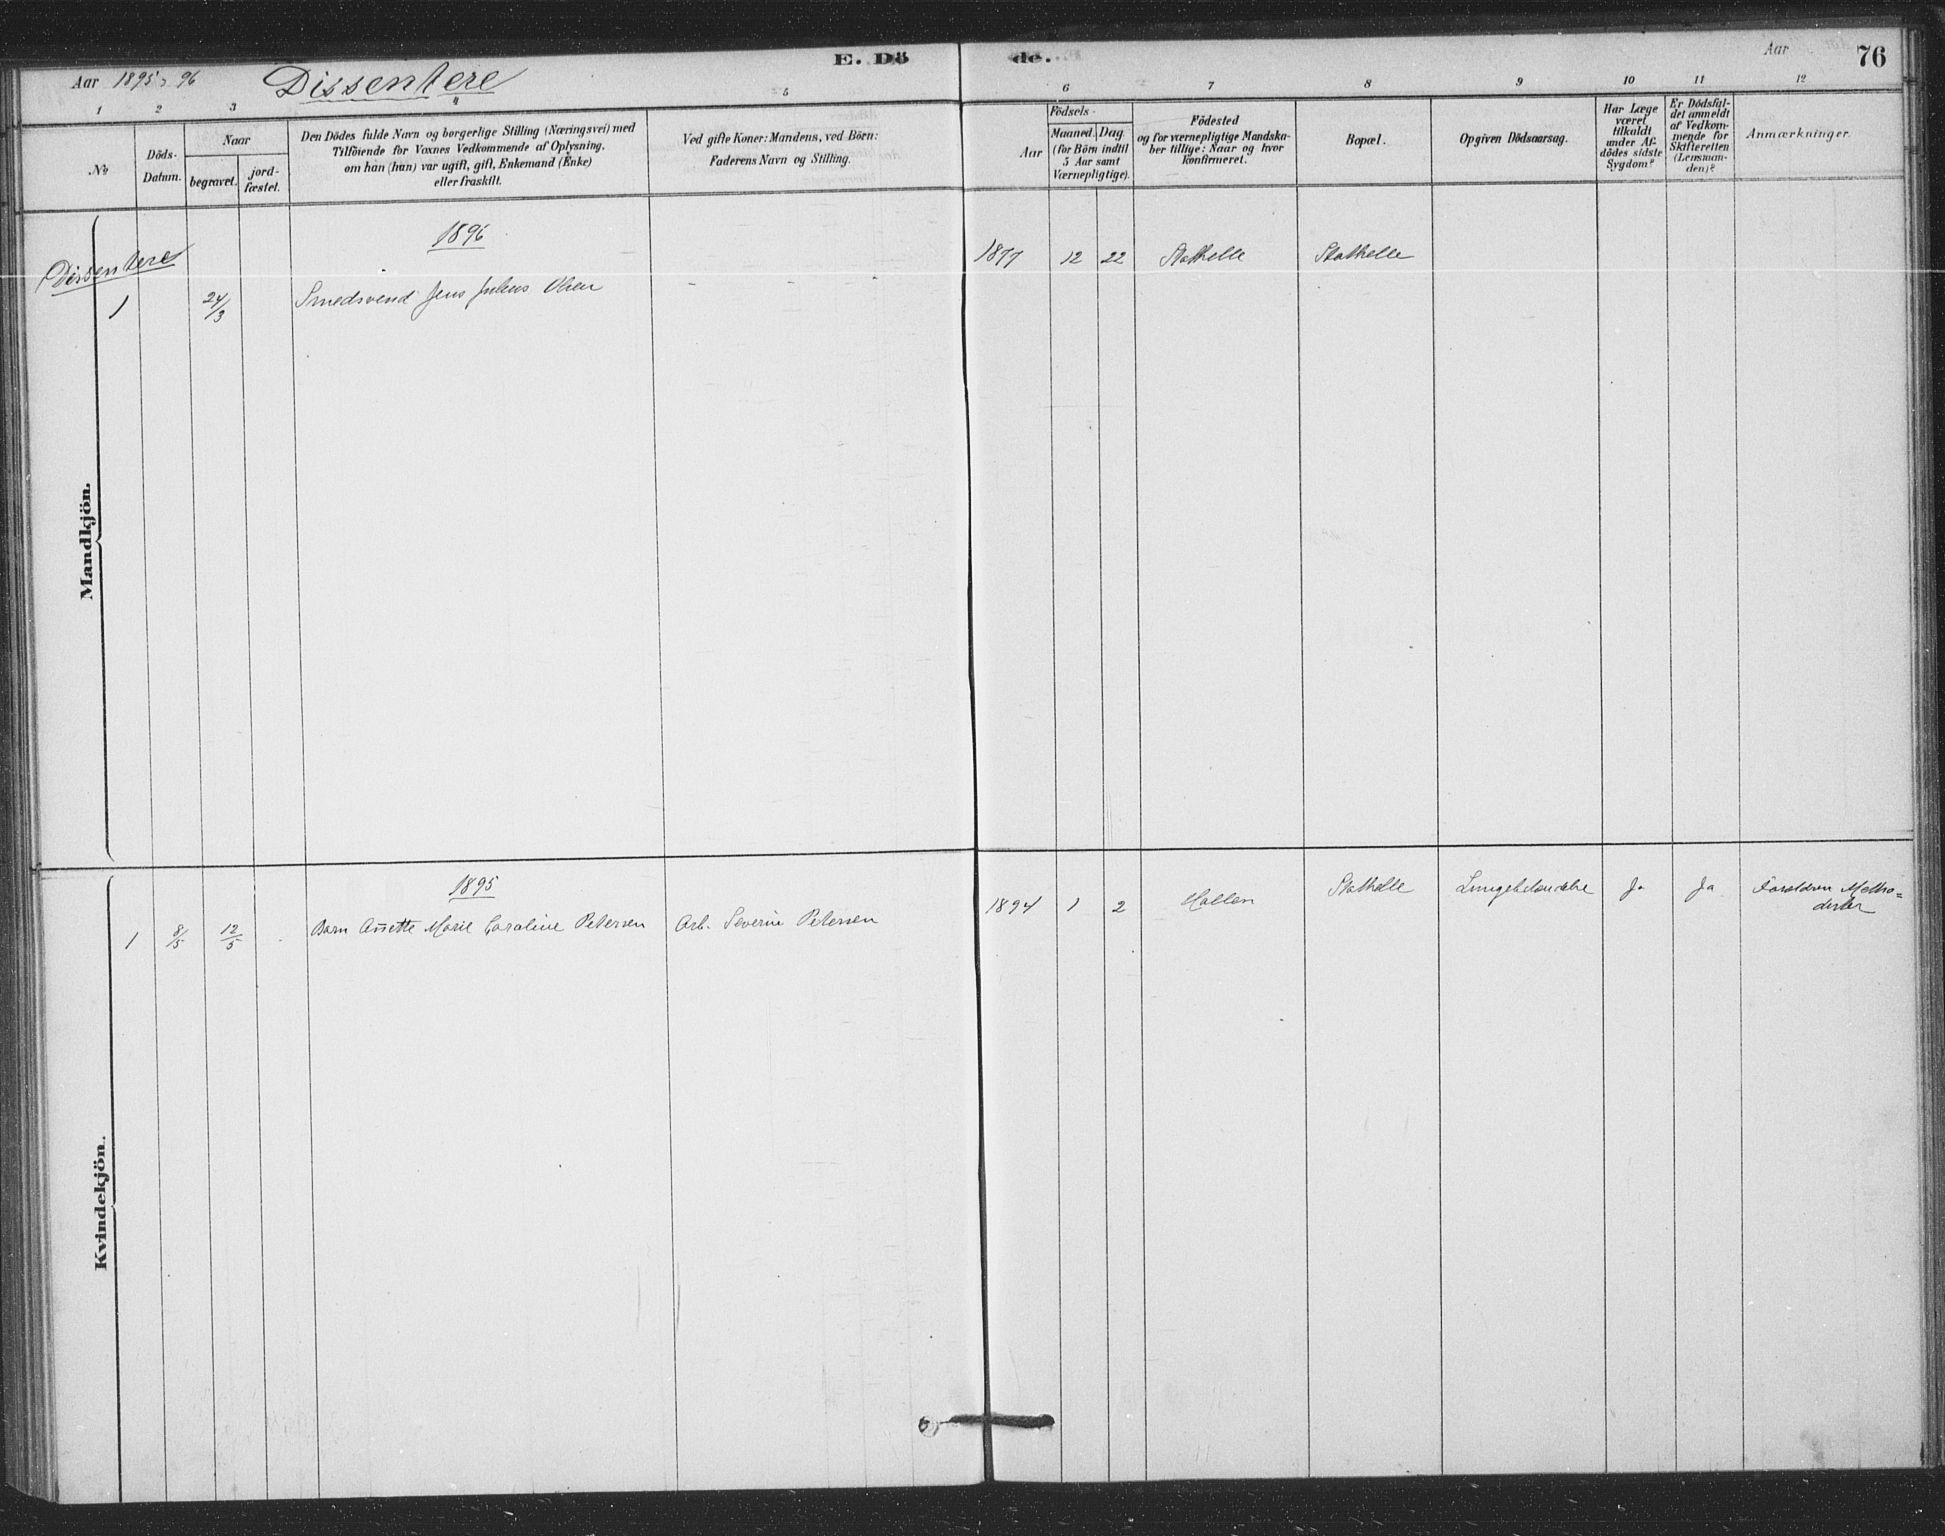 SAKO, Bamble kirkebøker, F/Fb/L0001: Ministerialbok nr. II 1, 1878-1899, s. 76